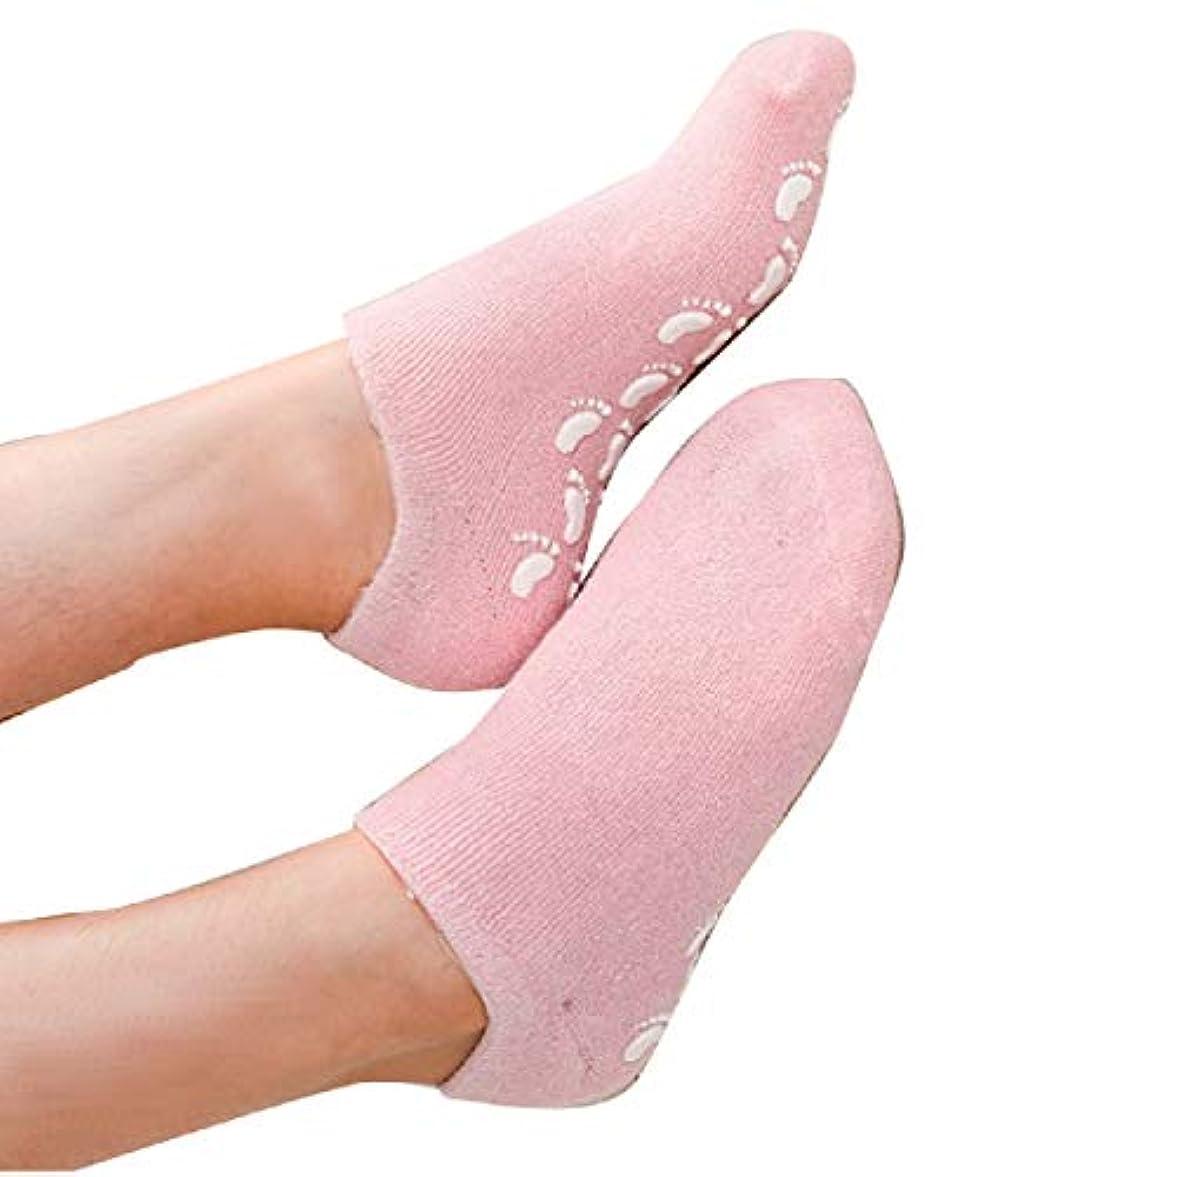 猟犬スタイル飢えS&E かかと 靴下 保湿 ソックス 美容成分 潤い ゲル付き 滑り止め 足裏 足の甲 ホホバオイル グレープシード ビタミンE ラベンダー ローズ (ピンク)